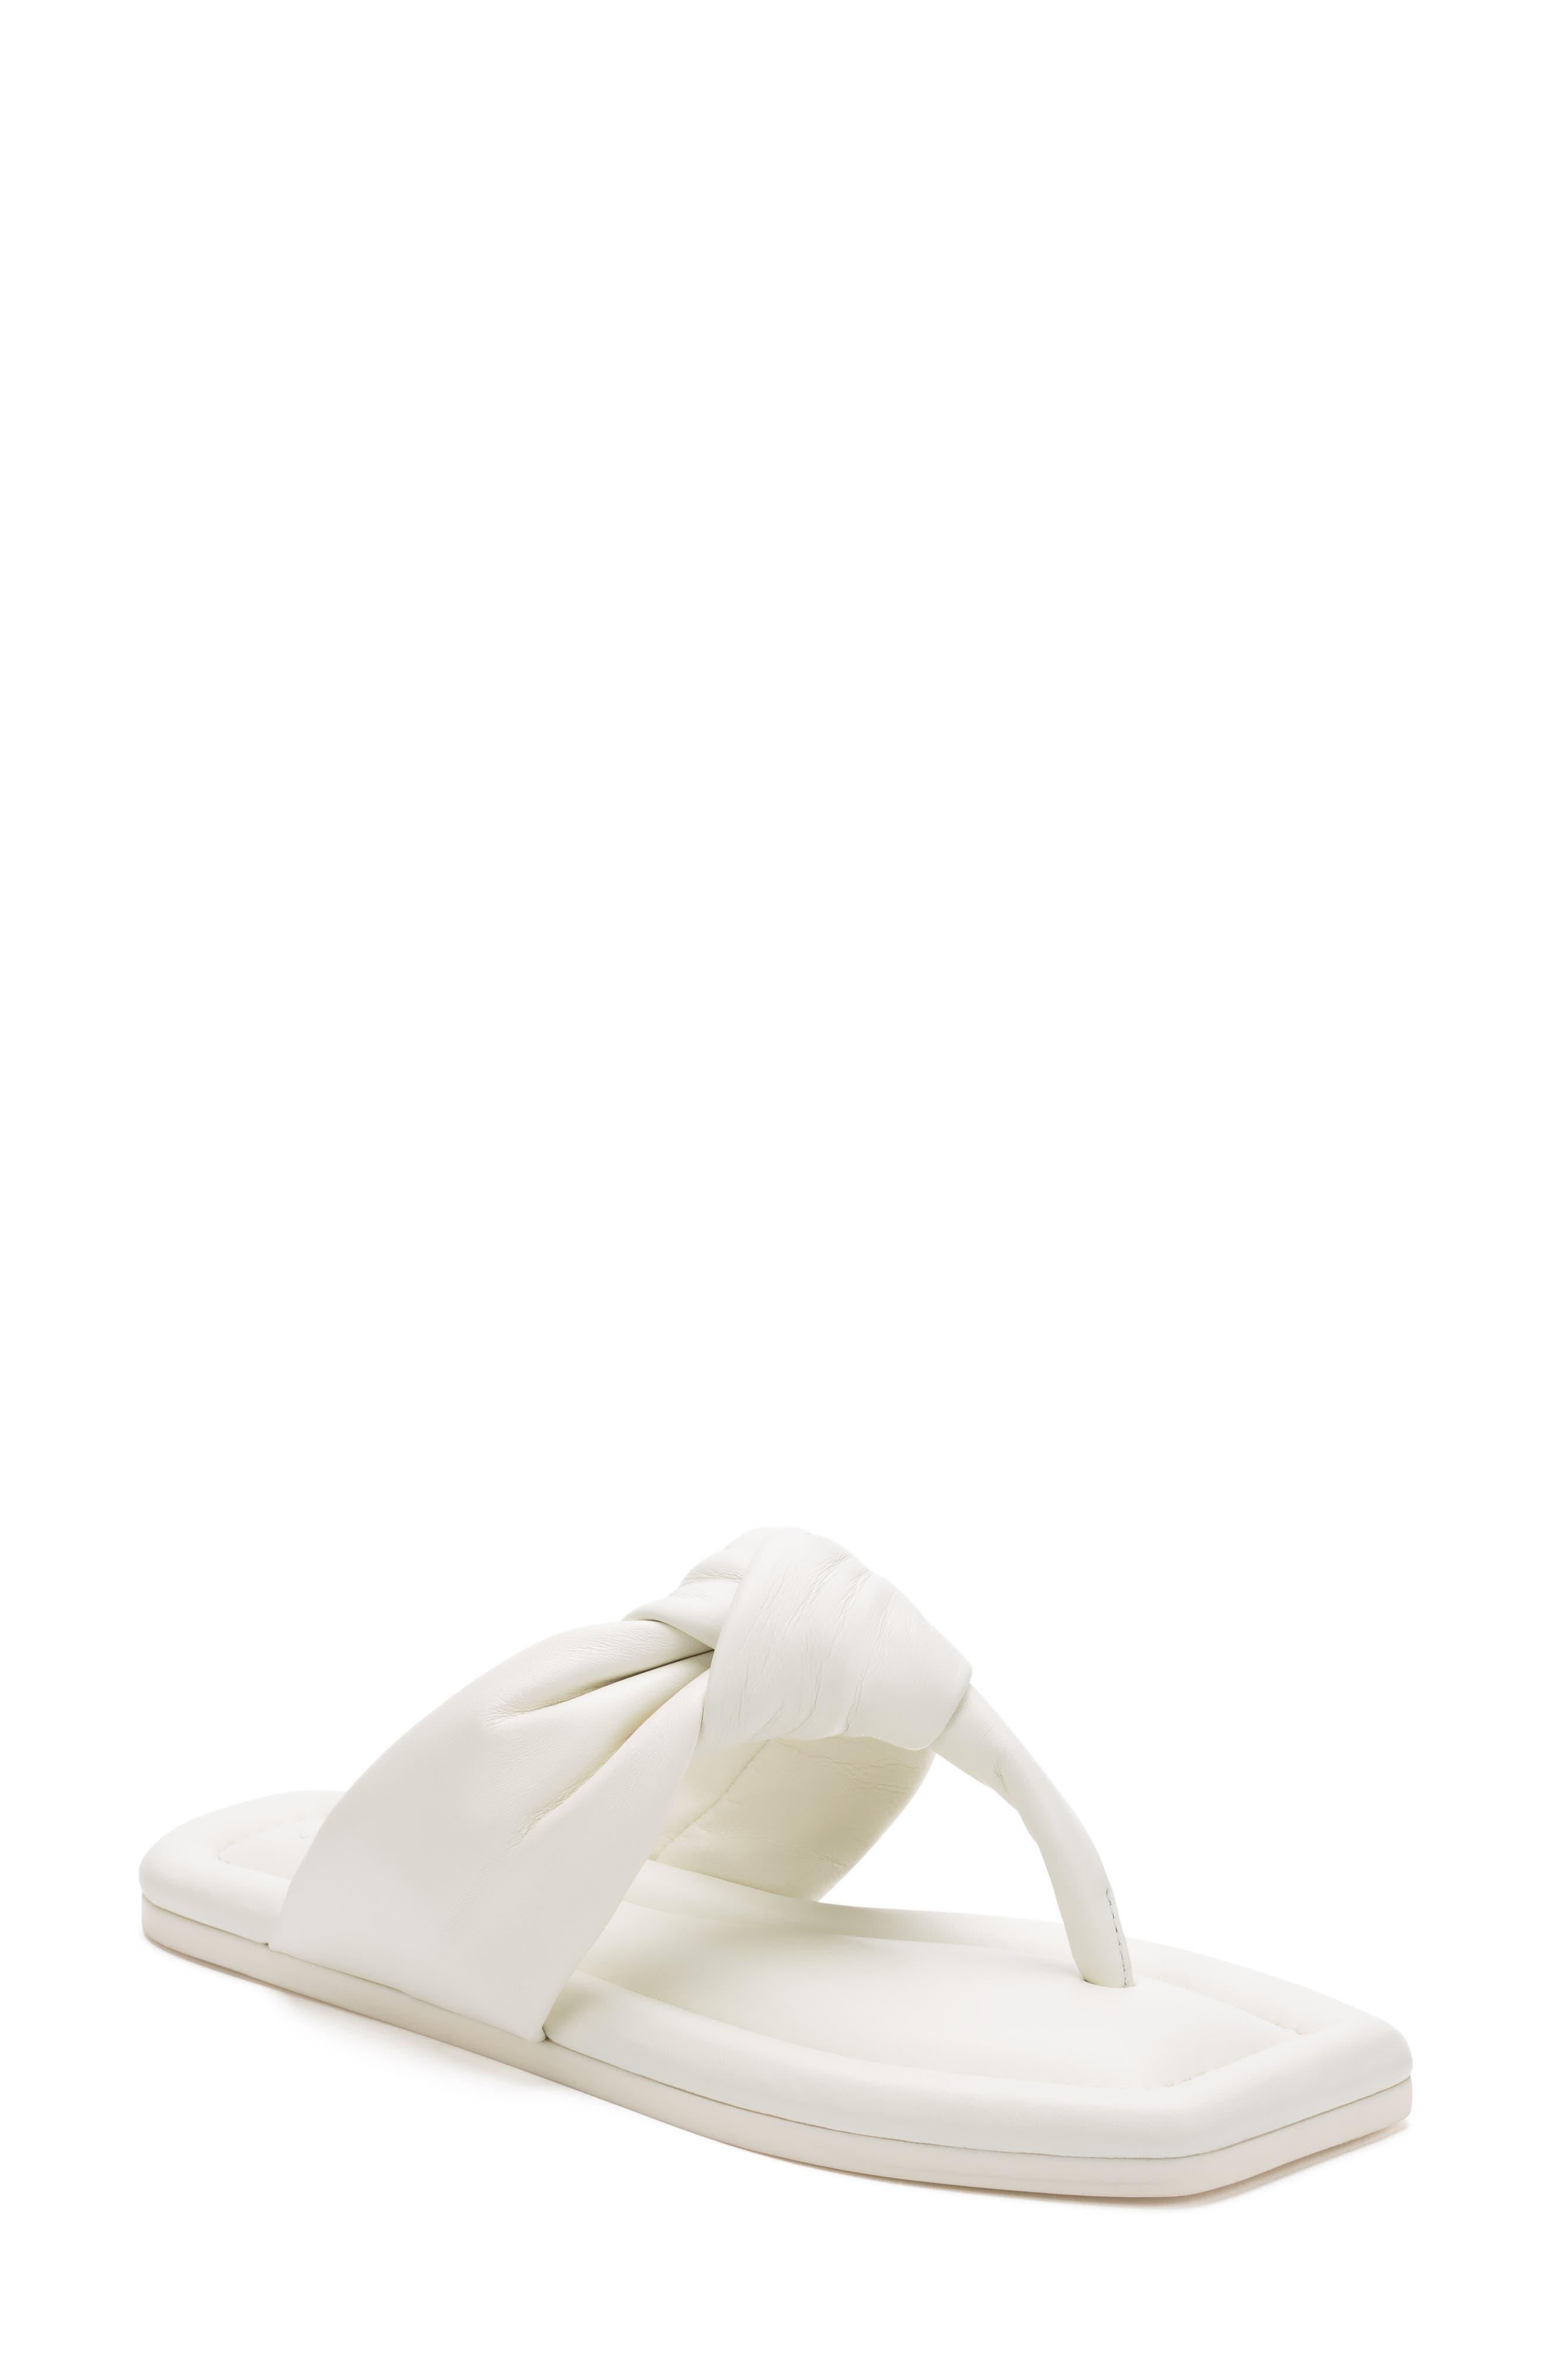 Paloma Flip Flop